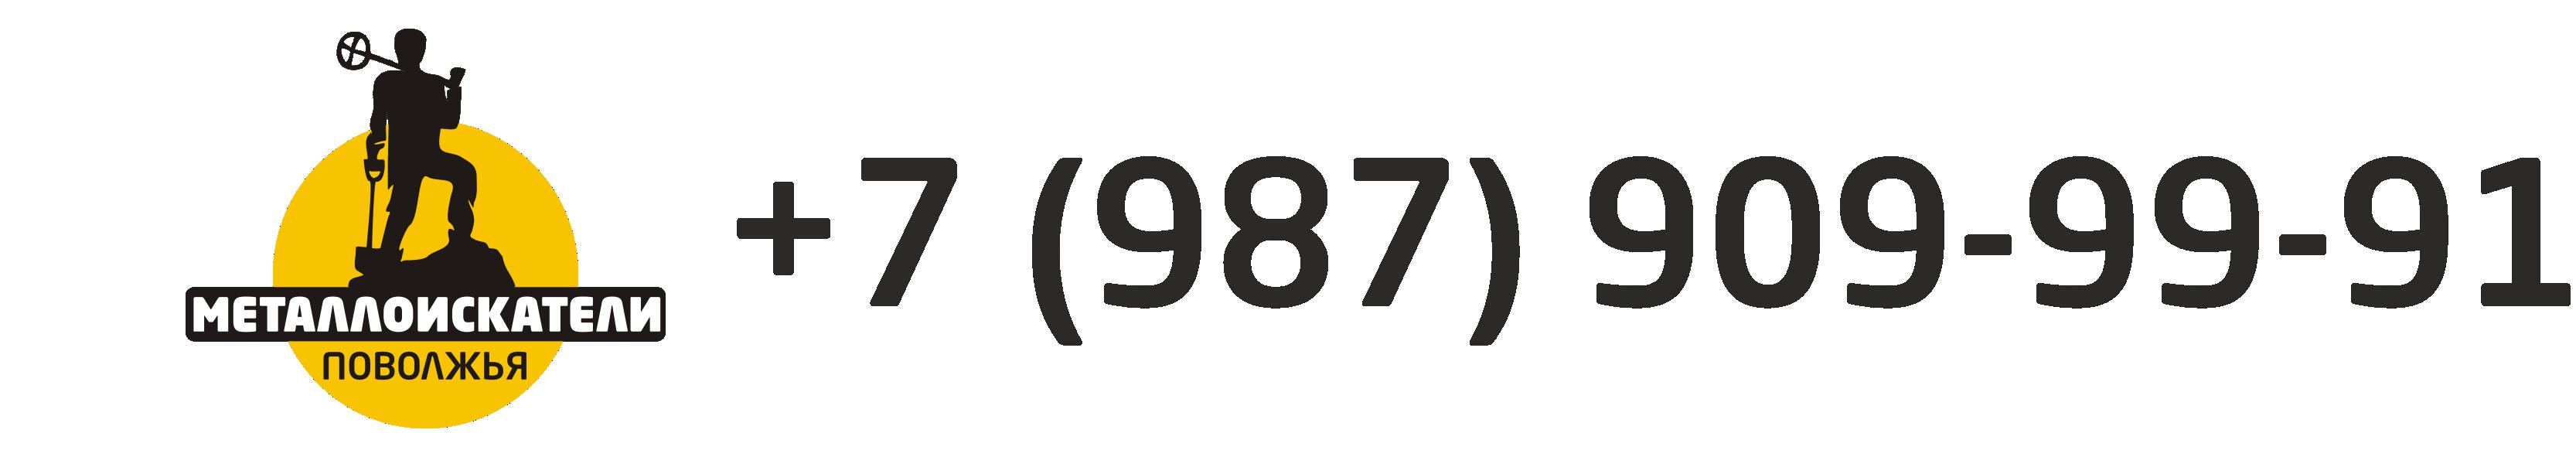 Лого шапка ретина2